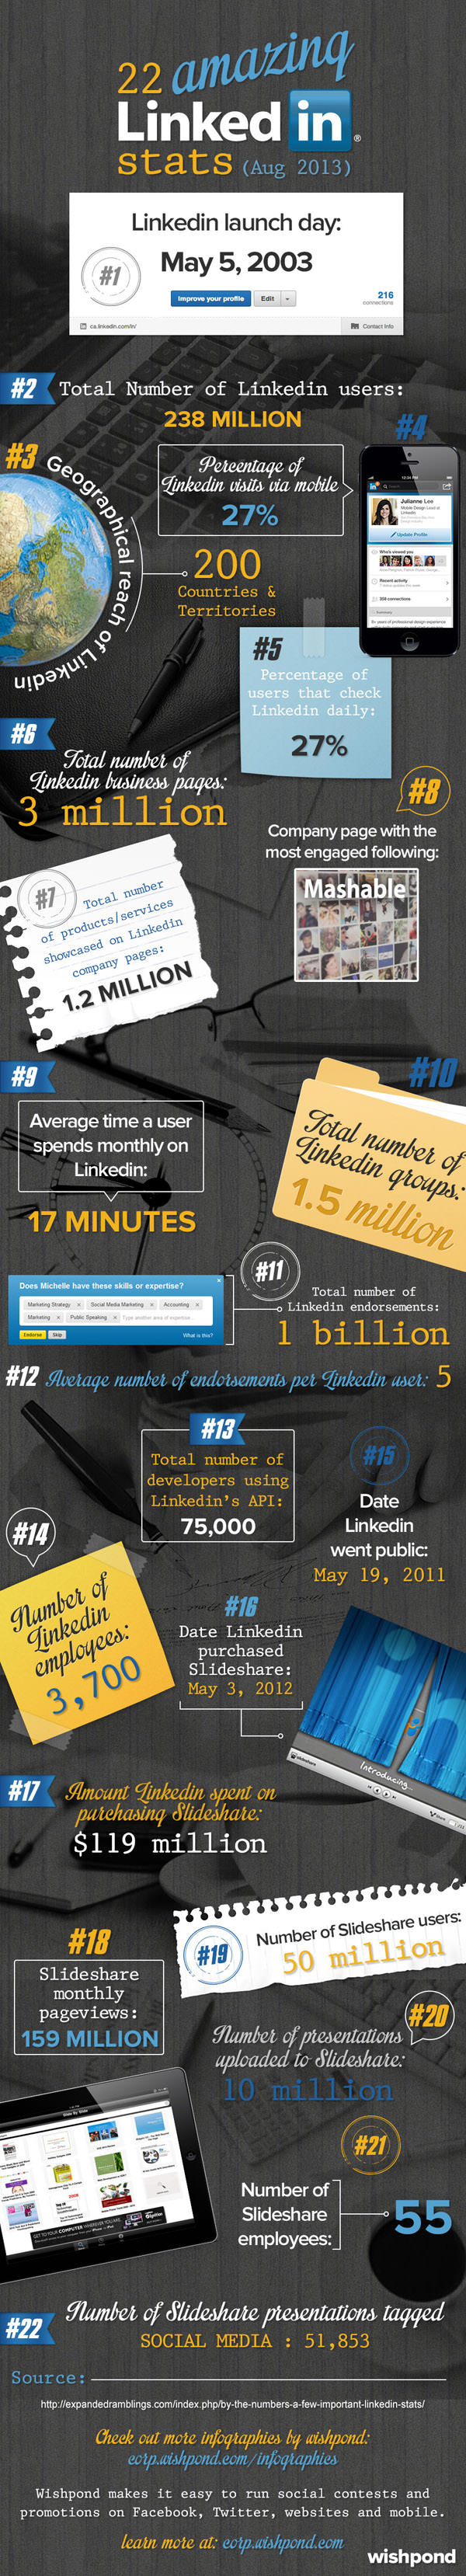 LinkedIn : faits et chiffres 2013